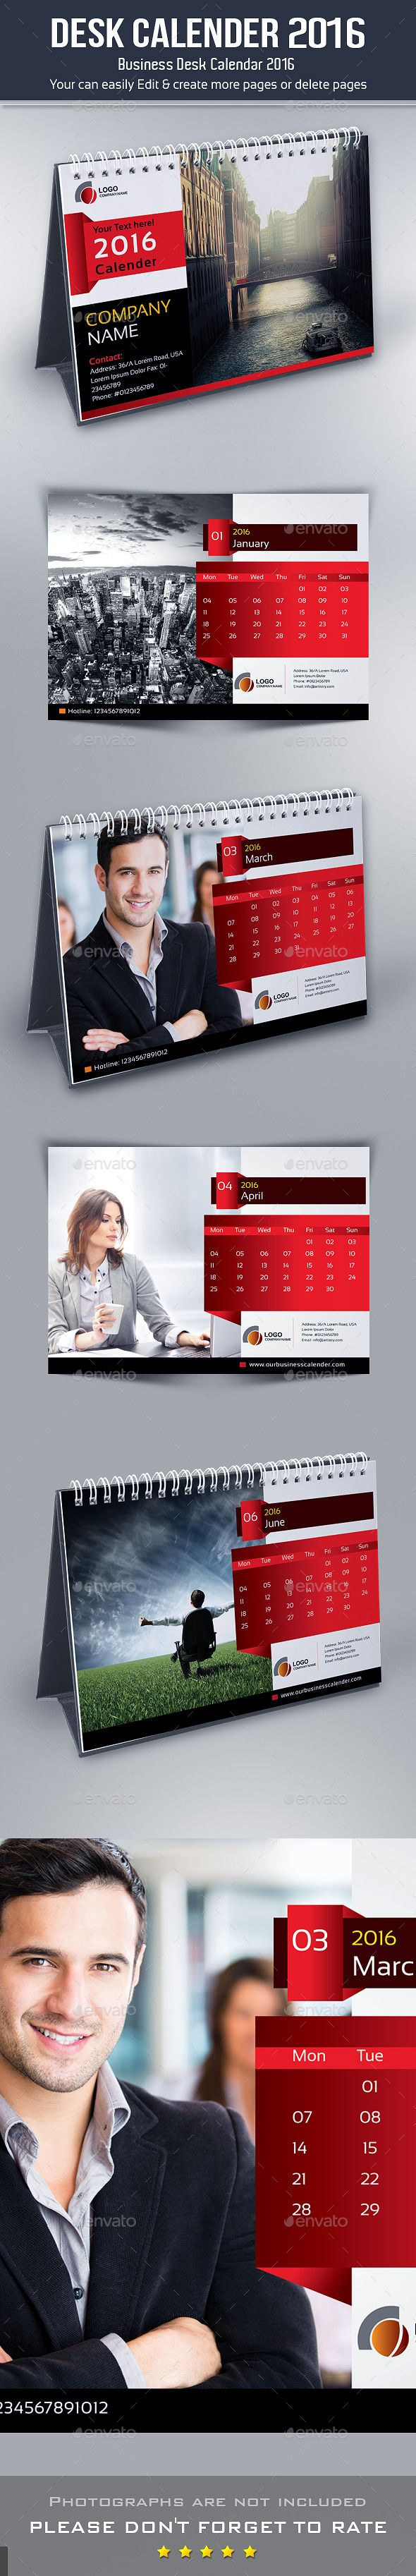 Desk Calendar 2016 Indesign INDD, IDML & PDF File Template #design Download: http://graphicriver.net/item/desk-calendar-2016/12793964?ref=ksioks